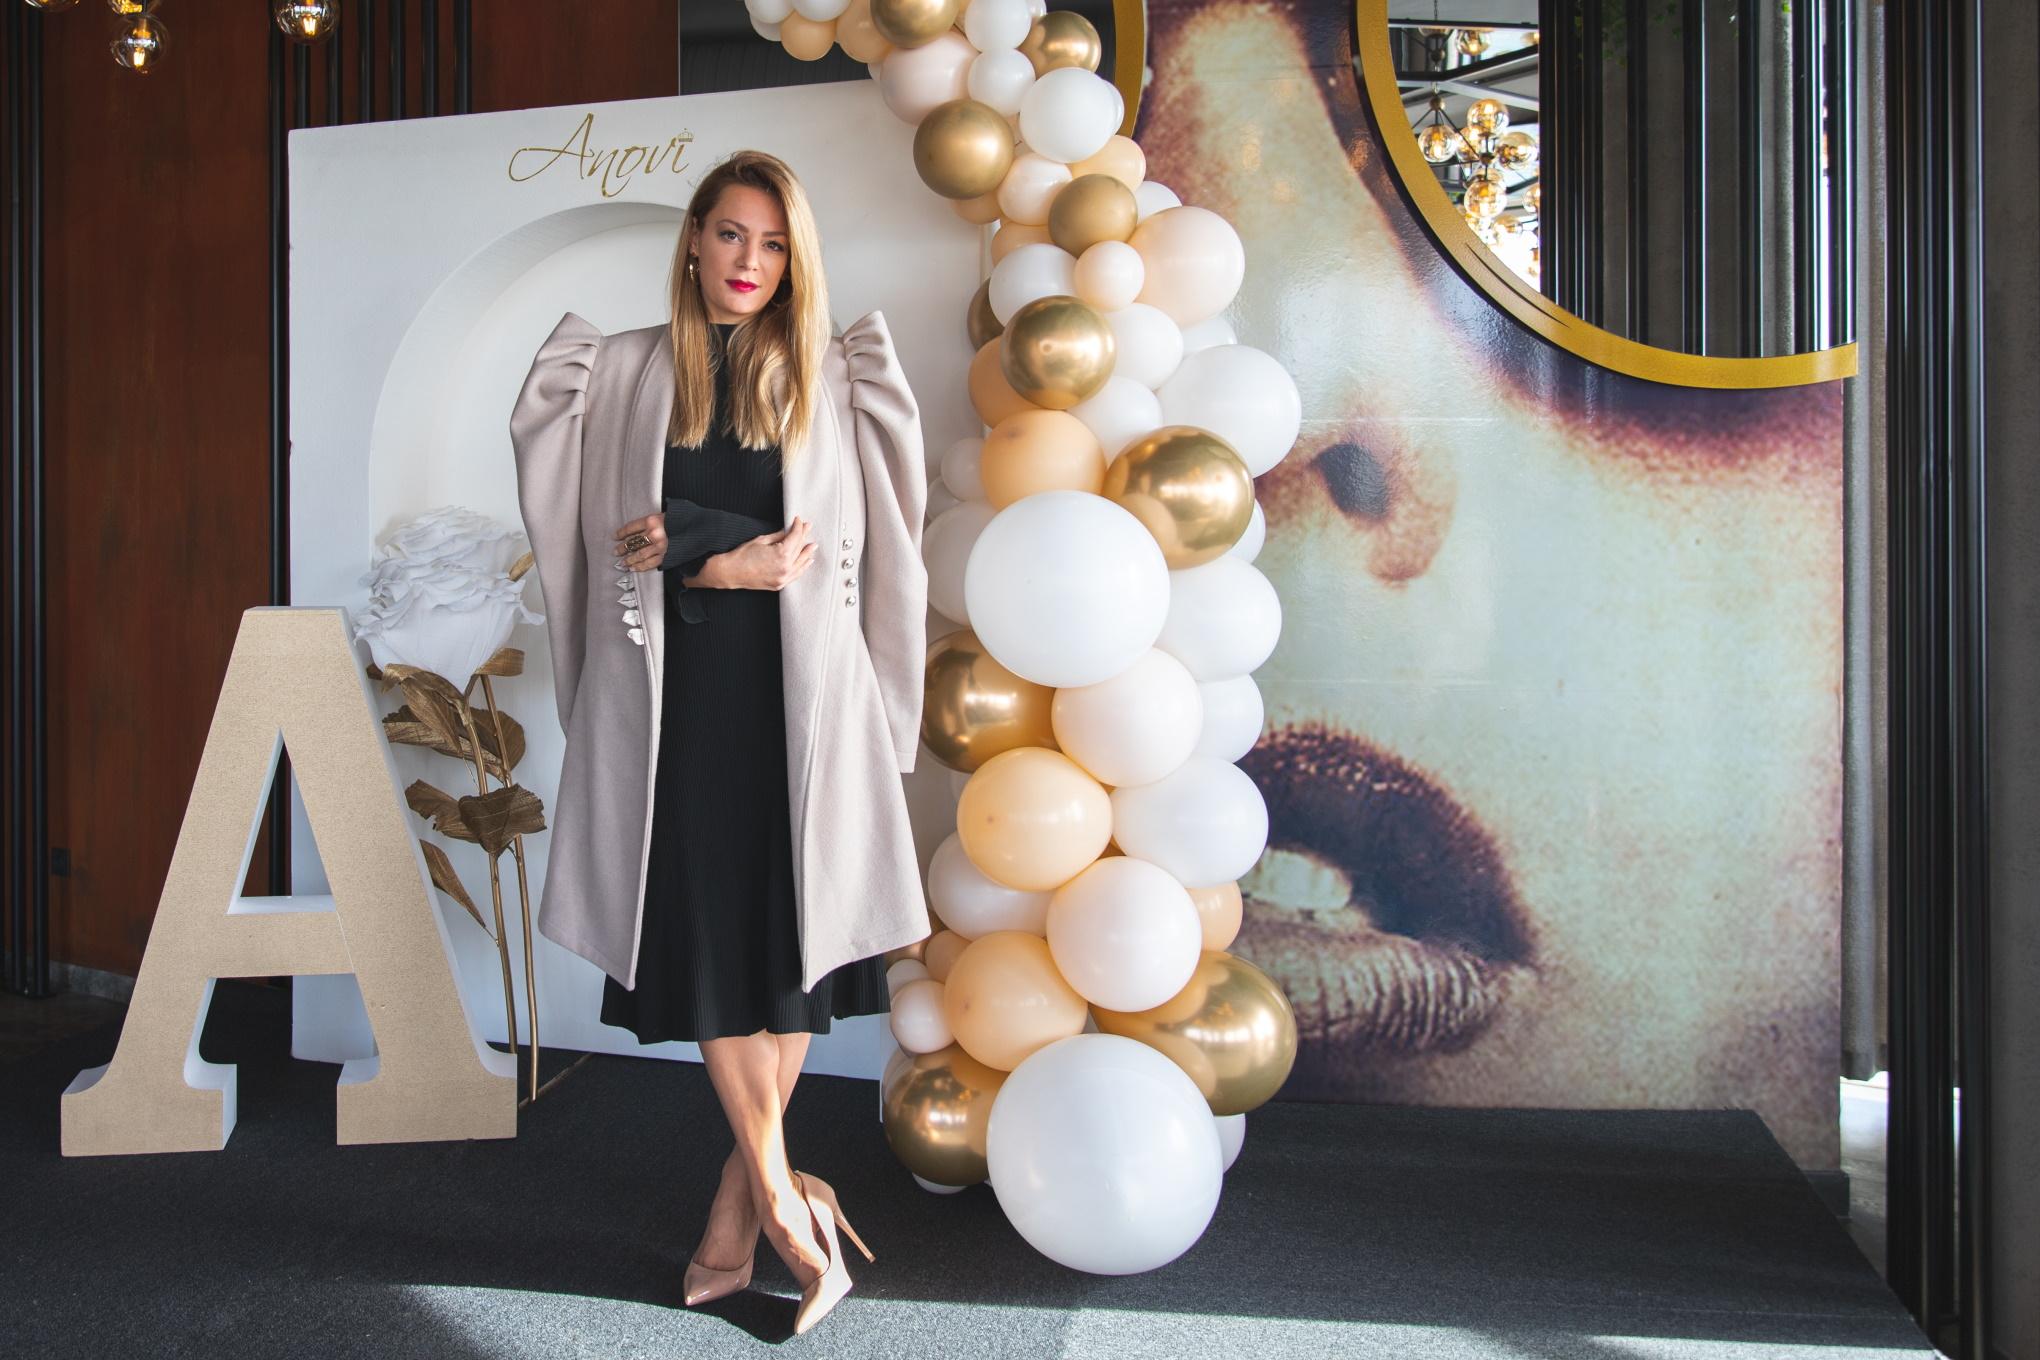 Novu Anovi kolekciju moći ćete pogledati i online večeras na Zagreb Fashion Destination-u!